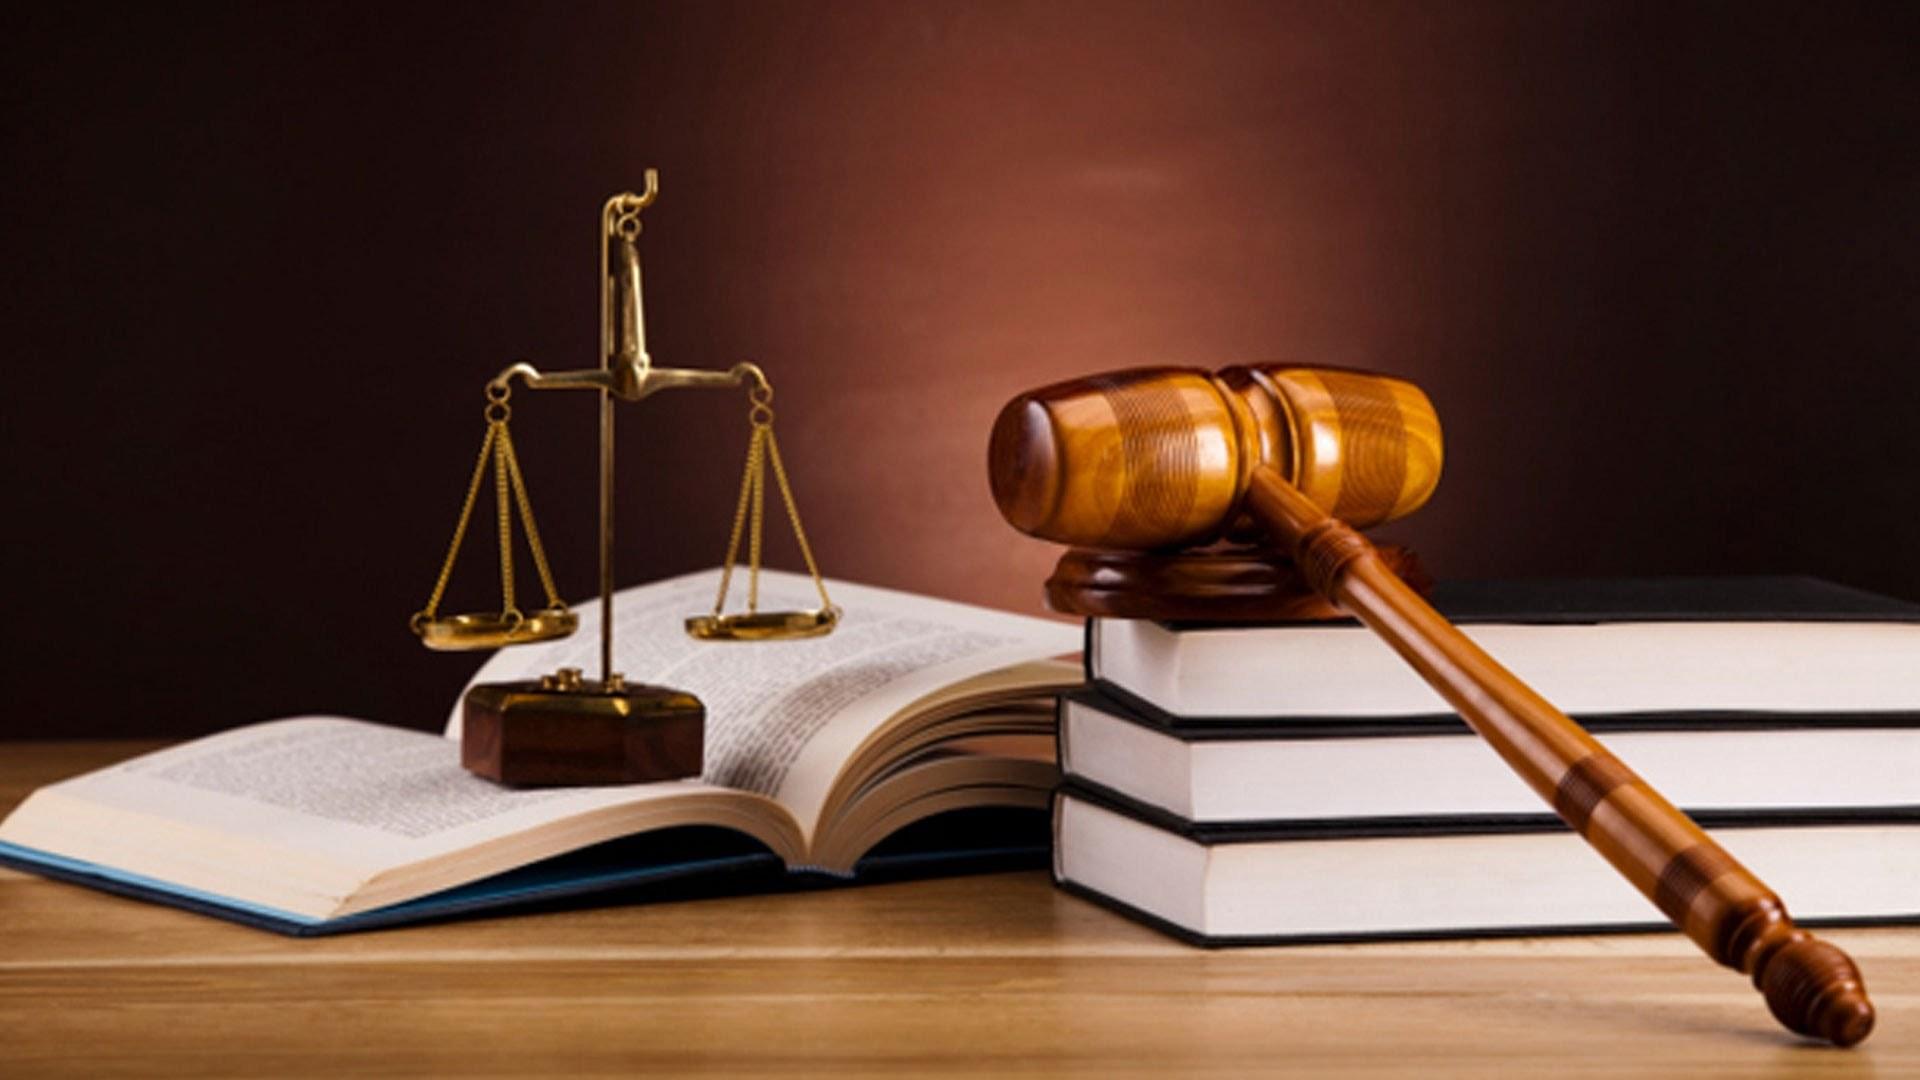 việc làm pháp lý tại hồ chí minh 4